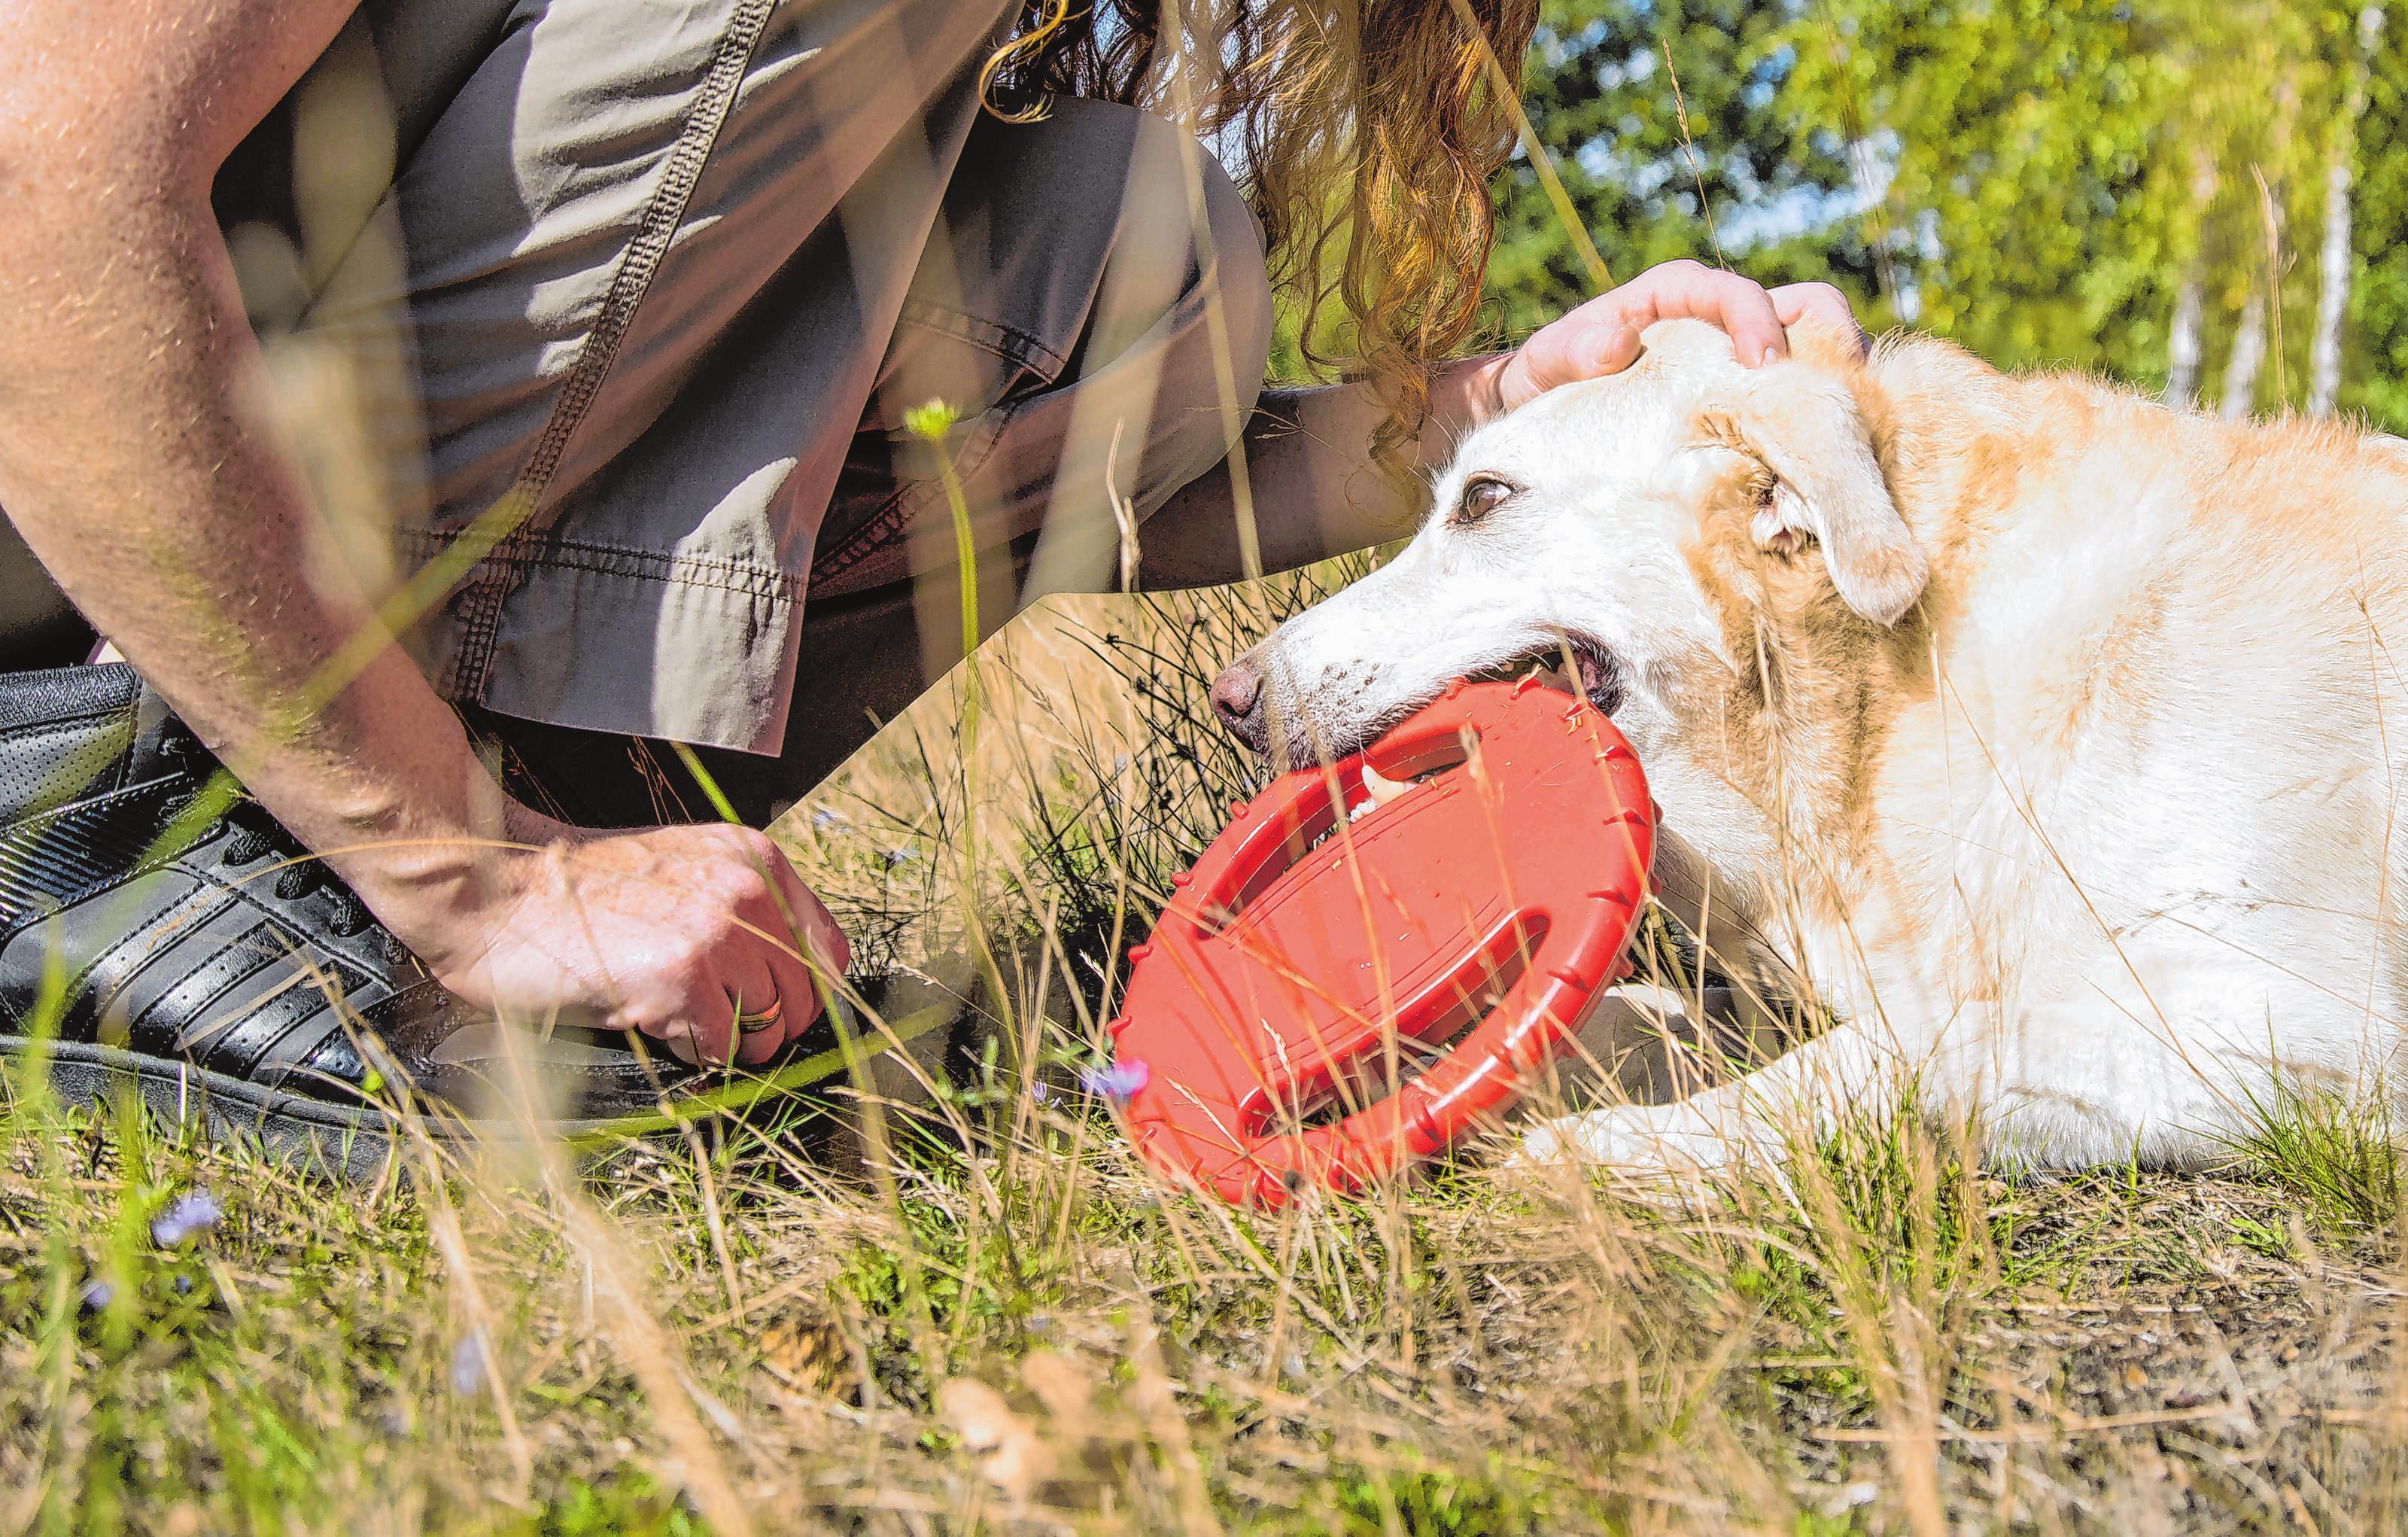 Gibt der Hund sein Spielzeug nicht wieder ab, dann sollte man ihm ein Tauschgeschäft anbieten, etwa ein Leckerli. Foto: Christin Klose/dpa-mag